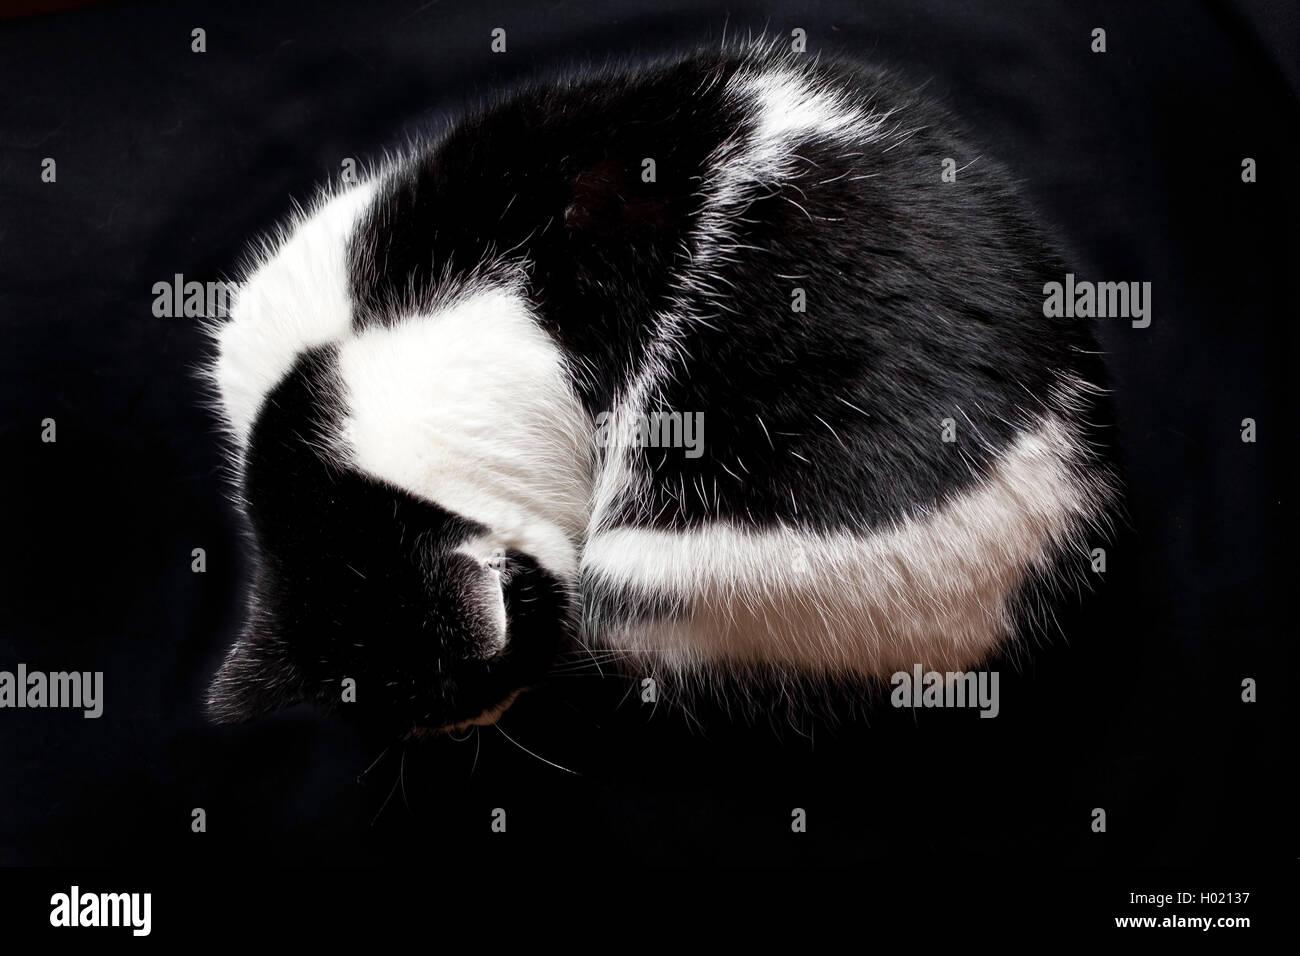 Hauskatze, Haus-Katze (Felis silvestris f. catus), zusammengerollte schwarzweisse Hauskatze | domestic cat, house - Stock Image